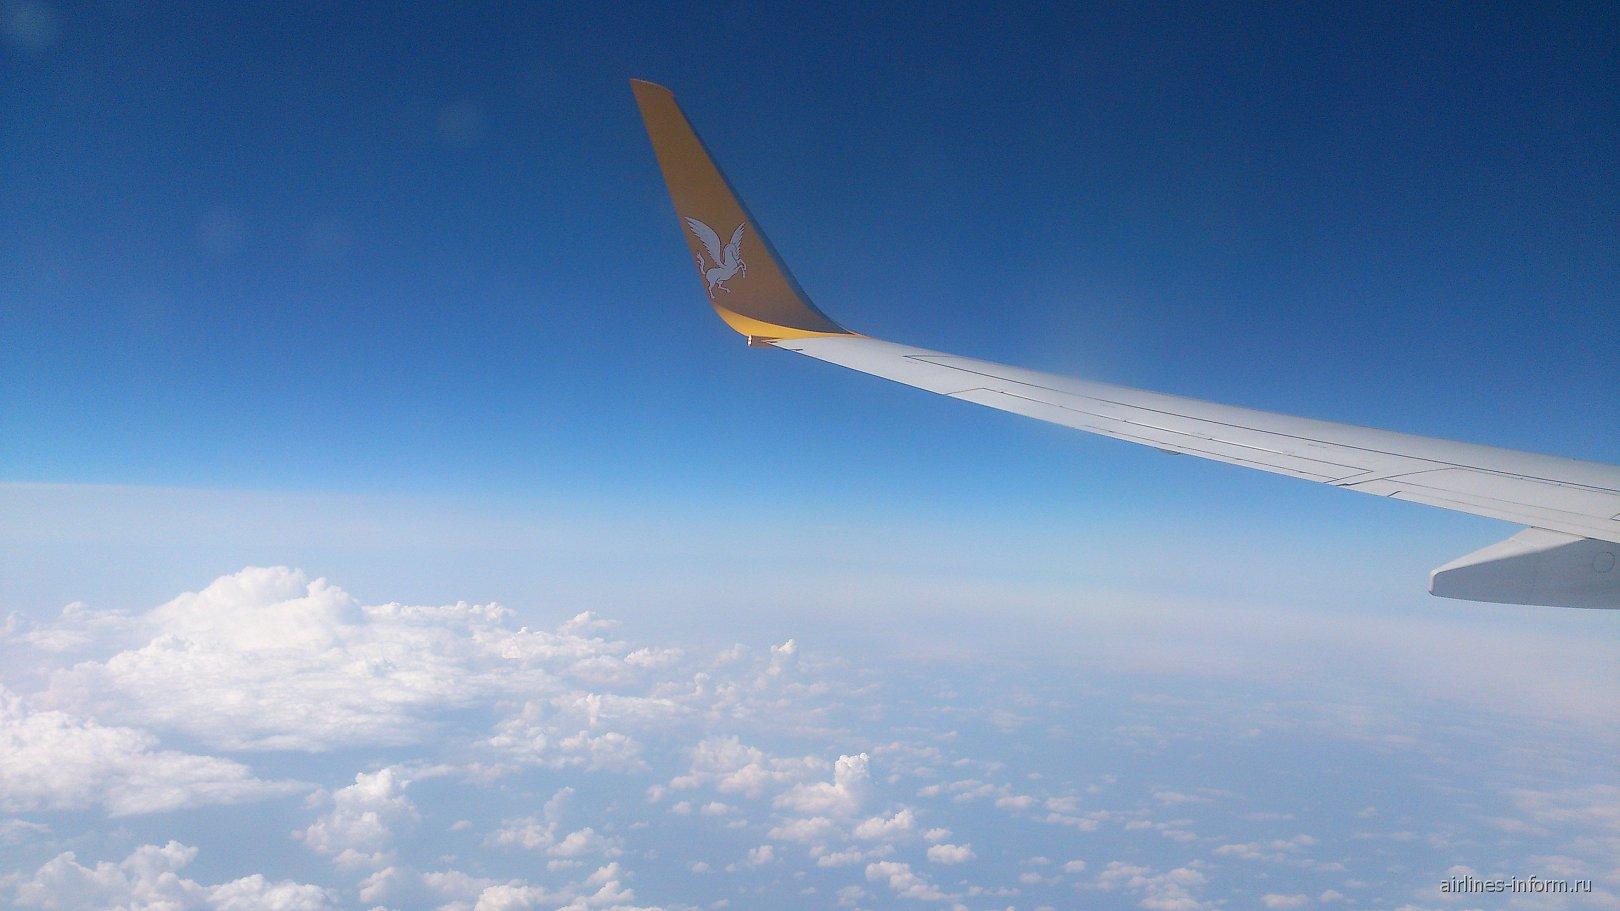 Рейс Стамбул-Москва авиакомпании Пегасус